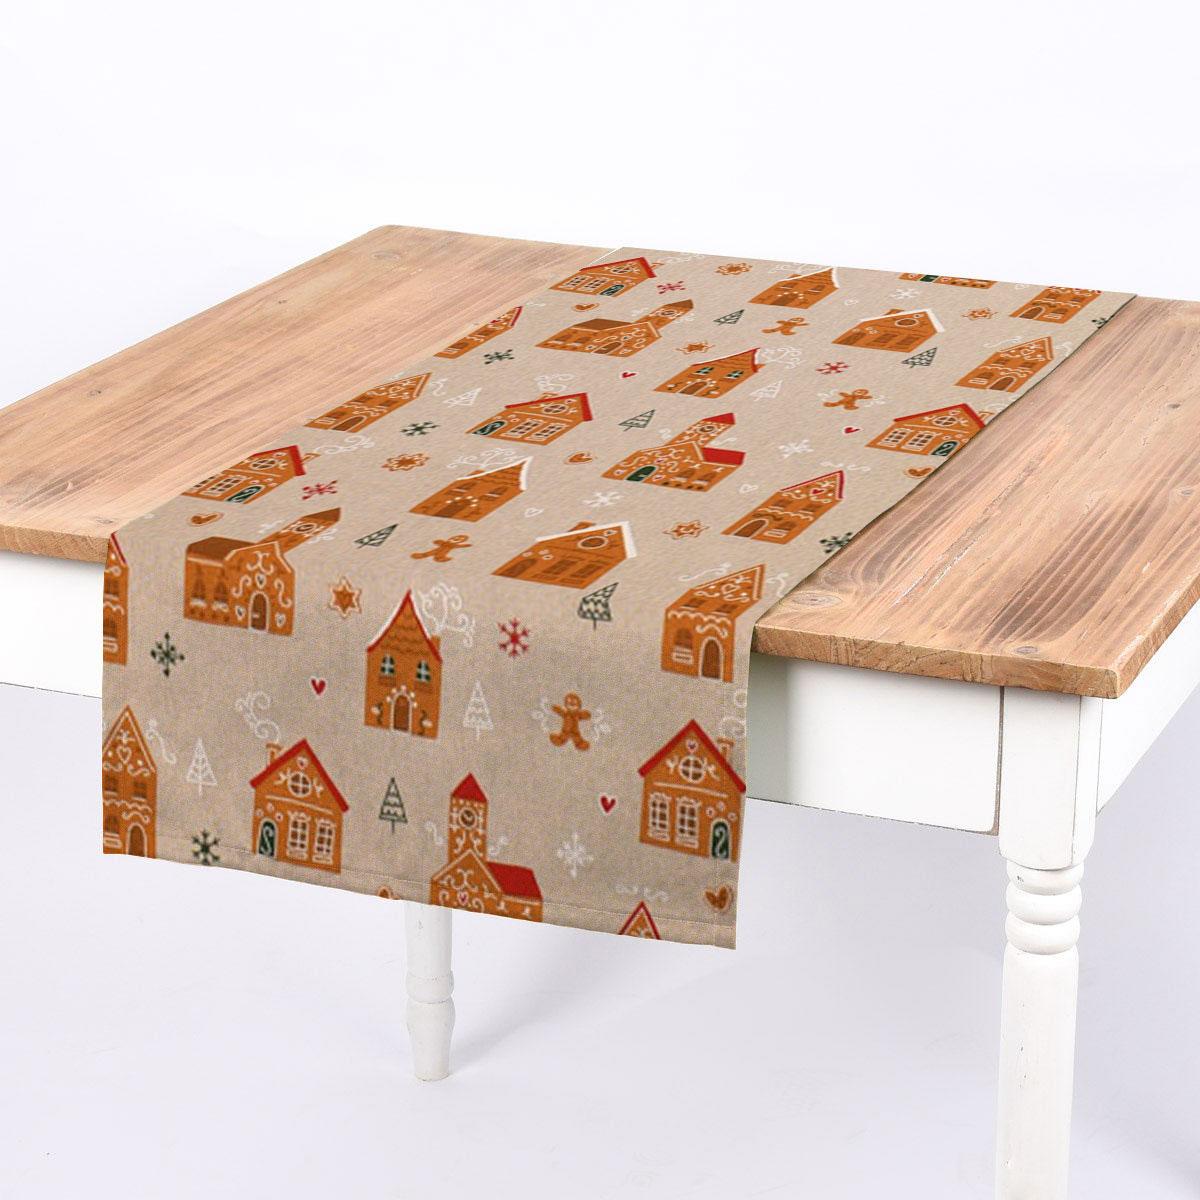 SCHÖNER LEBEN. Tischläufer Lebkuchenhaus natur weiß 40x160cm